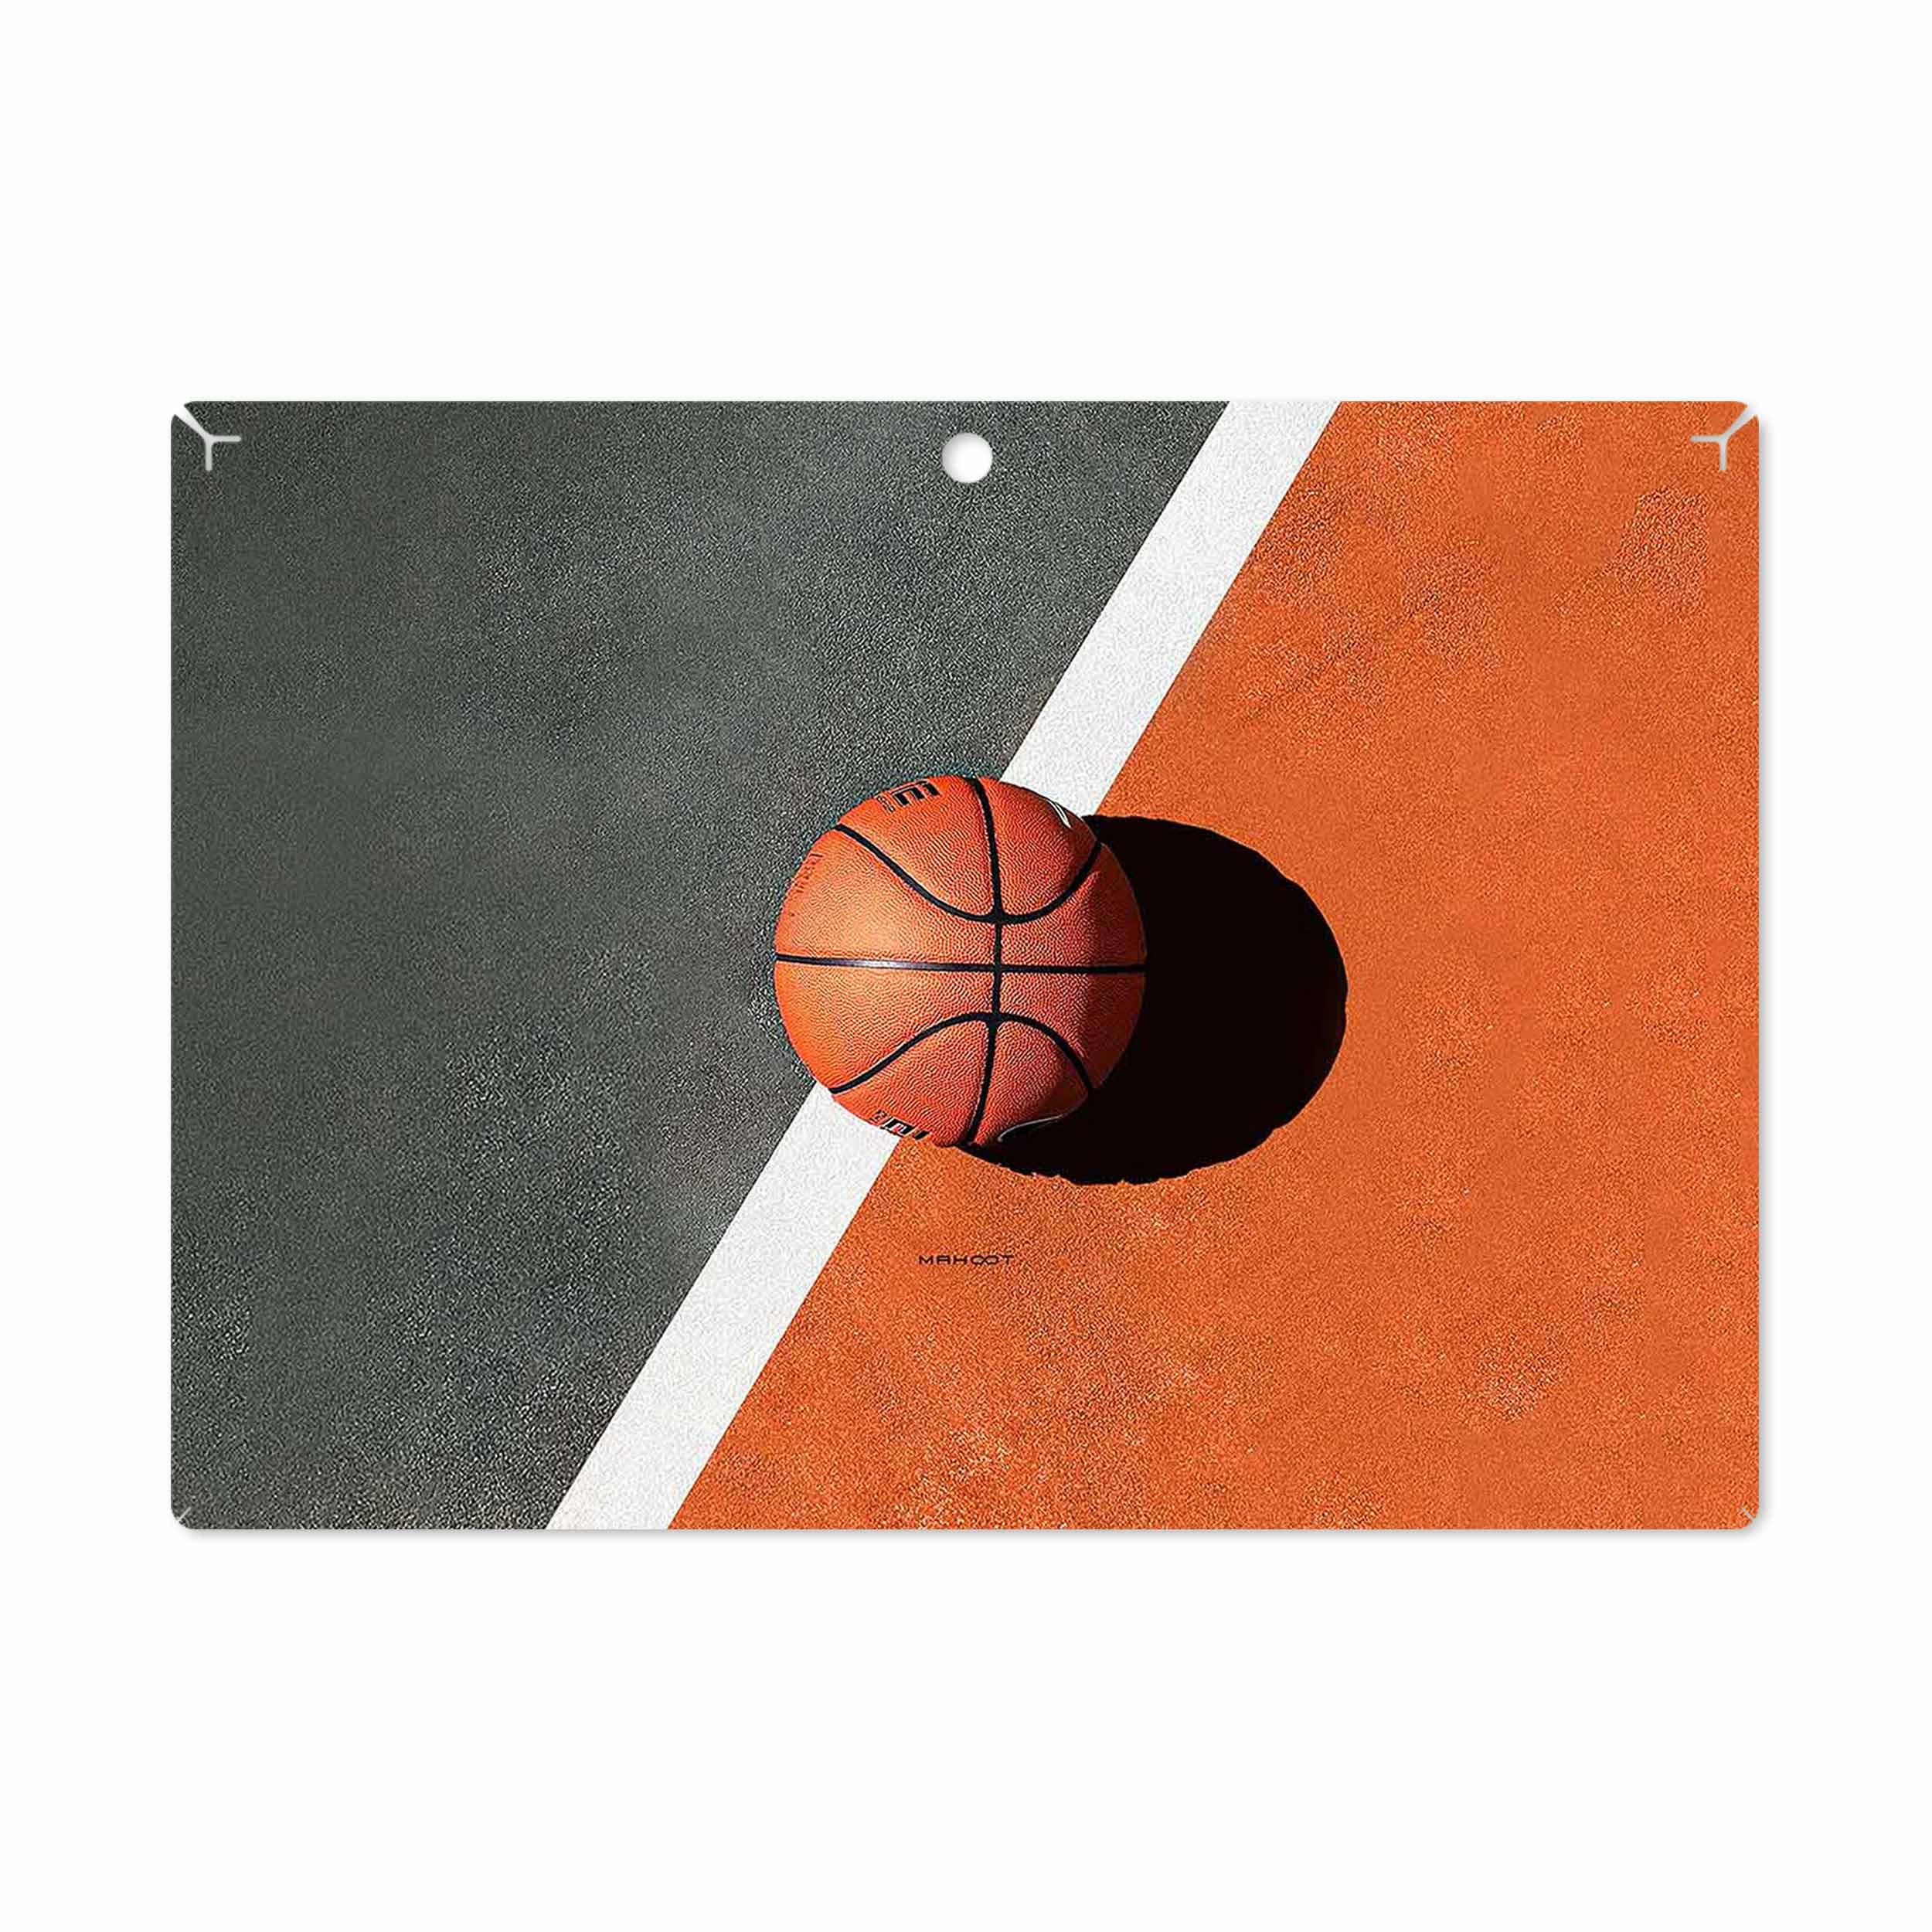 بررسی و خرید [با تخفیف]                                     برچسب پوششی ماهوت مدل Basketball مناسب برای تبلت لنوو Miix 320 2017                             اورجینال